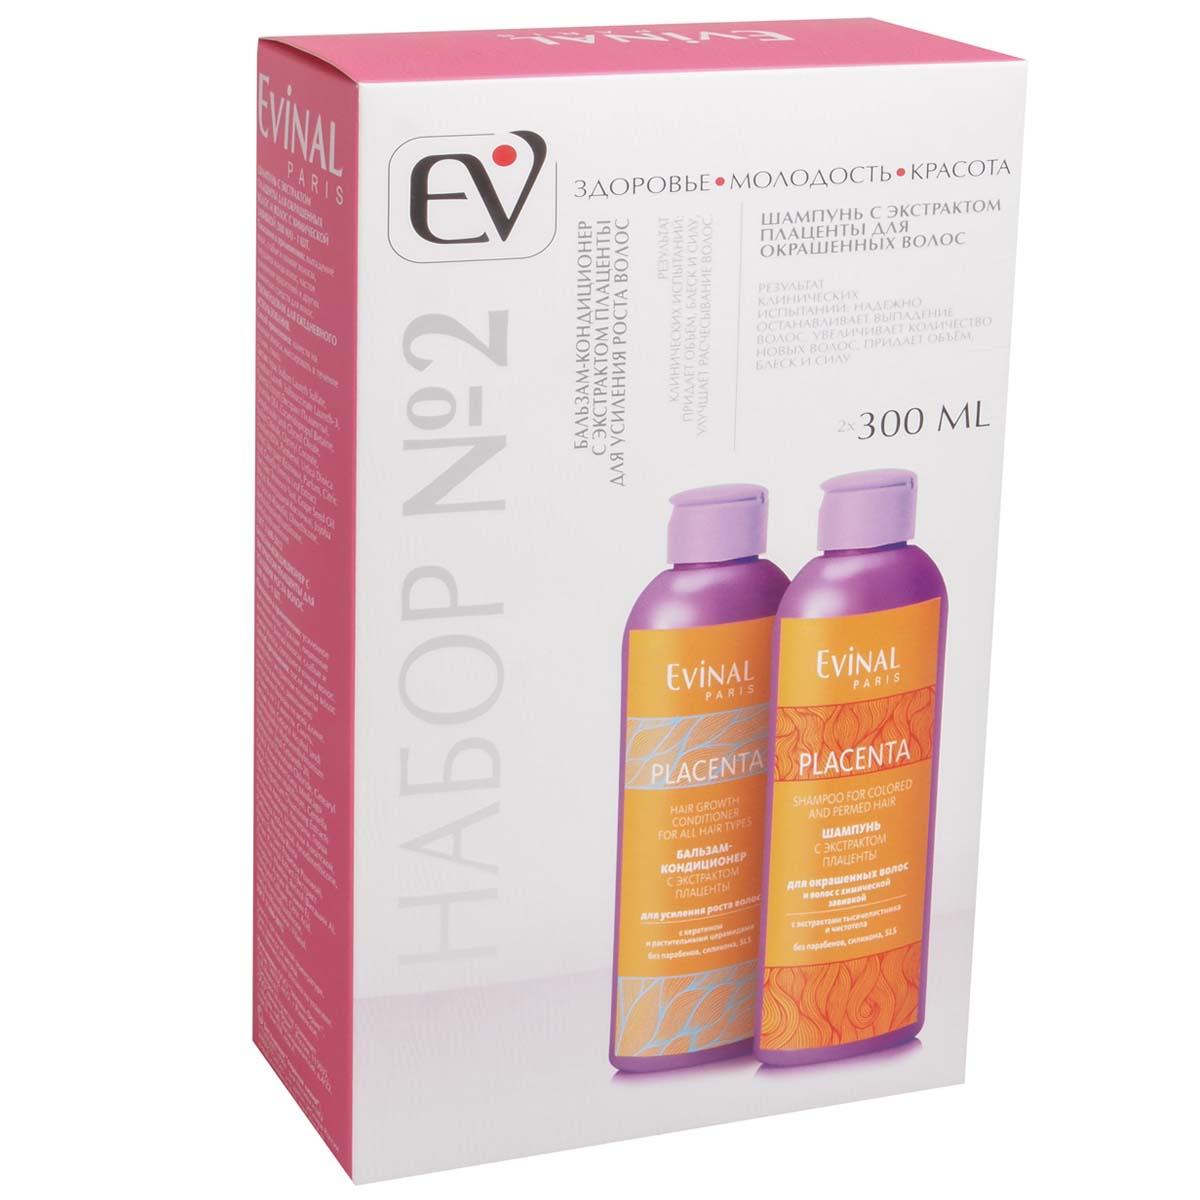 Подарочный набор Evinal №2 : Шампунь с экстрактом плаценты для окрашенных волос и волос с химической завивкой, 300мл.+Бальзам-кондиционер с экстрактом плаценты для усиления роста, 300мл.перфорационные unisexПодарочный набор №2 (Шампунь с экстрактом плаценты для окрашенных волос и волос с химической завивкой 300мл.+Бальзам-кондиционер с экстрактом плаценты для усиления роста 300мл. ) в коробке. Состоит из: шампуня с экстрактом плаценты для окрашенных волос и волос с химической завивкой и бальзама-кондиционера с экстрактом плаценты для усиления роста волос. ШАМПУНЬ С ЭКСТРАКТОМ ПЛАЦЕНТЫ ДЛЯ ОКРАШЕННЫХ ВОЛОС И ВОЛОС С ХИМИЧЕСКОЙ ЗАВИВКОЙ-Показания к применению: выпадение волос, слабые и ломкие волосы, секущиеся концы волос. Частое применение красителей и других химических средств для волос.Результат клинических испытаний: шампунь надежно останавливает выпадение волос в 83% случаев, усиливает рост новых волос до 3см за 60дней применения шампуня в 90% случаев, придает объем блеск и силу в 100% случаев. БАЛЬЗАМ-КОНДИЦИОНЕР С ЭКСТРАКТОМ ПЛАЦЕНТЫ ДЛЯ УСИЛЕНИЯ РОСТА ВОЛОС-Показания к применению: усиленное выпадение волос, тусклые лишенные жизненного блеска волосы, слабые и ломкие волосы, секущиеся концы.Результат клинических испытаний: Надежно останавливает выпадение волос, увеличивает количество новых растущих волос, придает объем, блеск и силу, улучшает расчесывание волос. Рекомендован для ежедневного использования. Максимальный эффект достигается при совместном использовании шампуня и бальзама на плаценте в течение 60 дней. Срок годности 24 месяца.